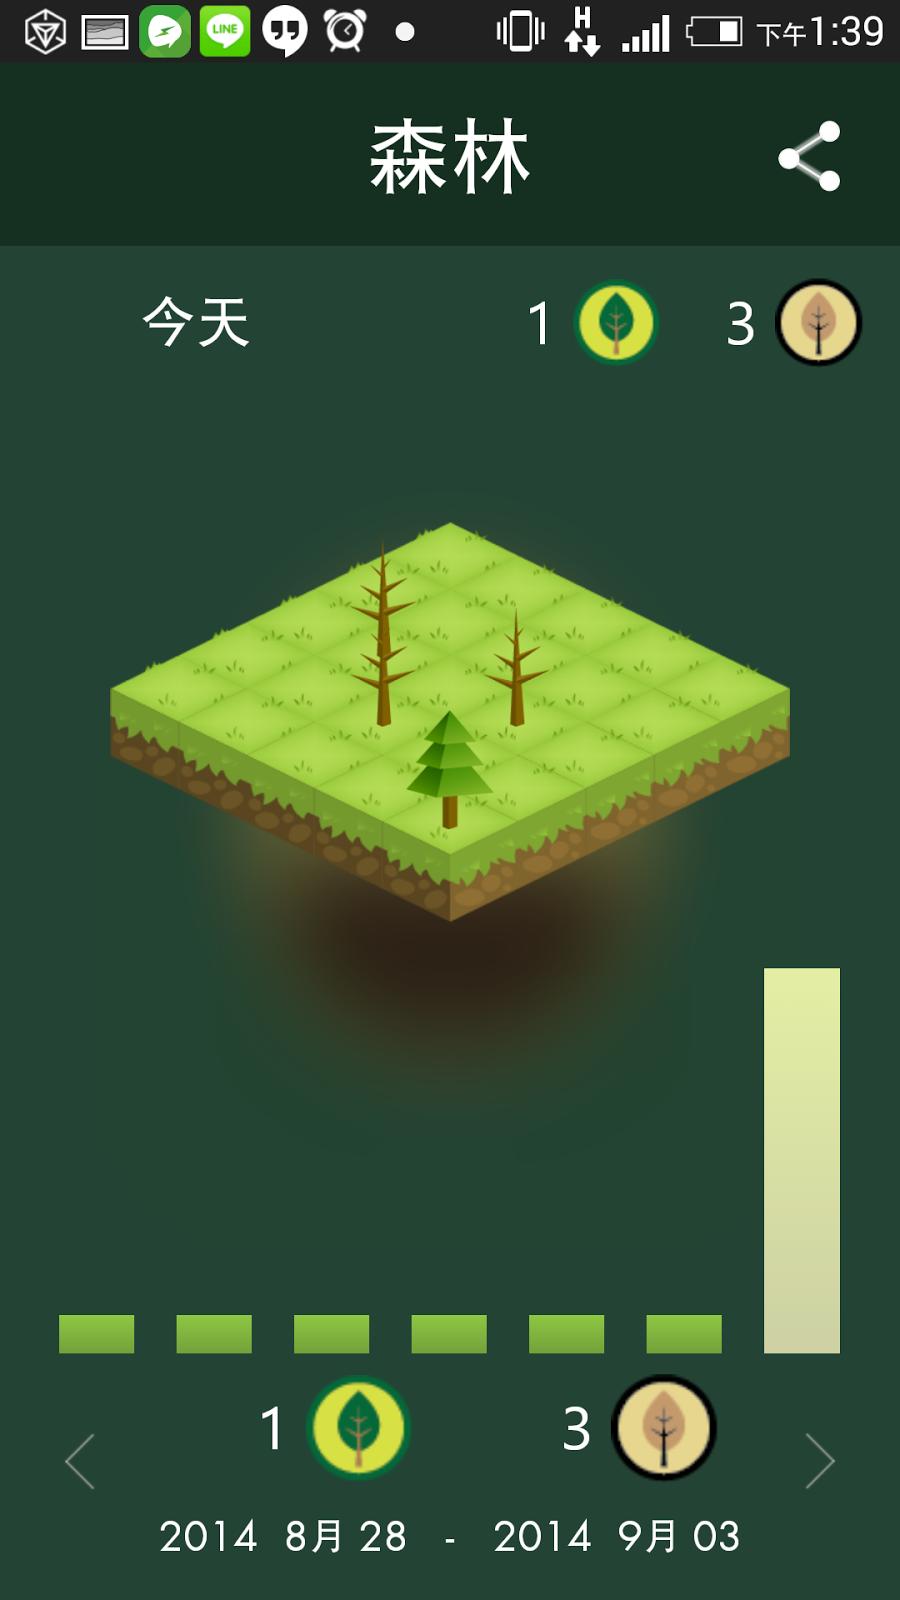 Forest 用專注力養育一片森林,動人的時間管理 App Forest-09